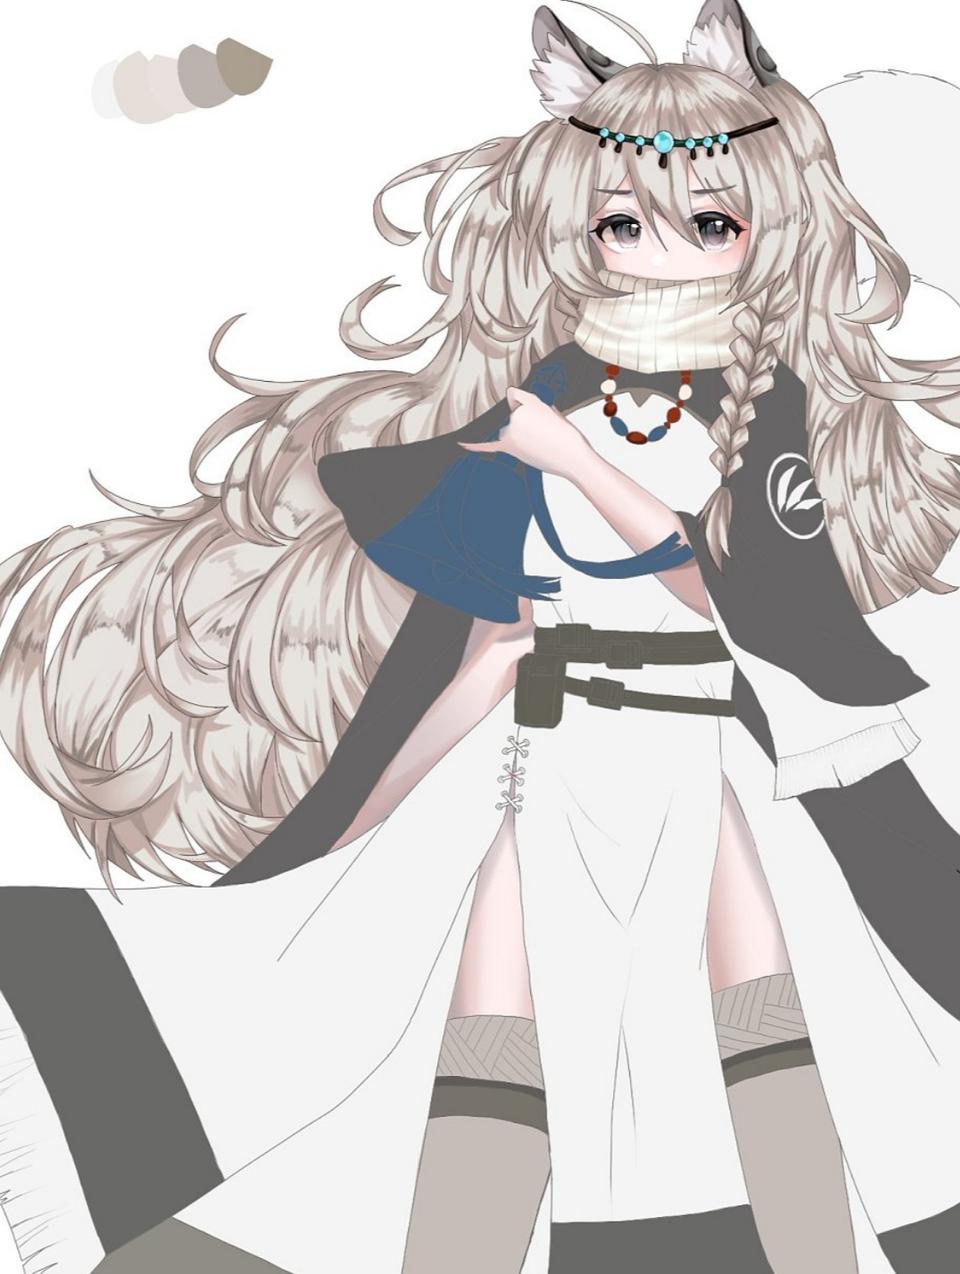 初雪 Illust of Minako medibangpaint Arknights iPad_raffle 初雪